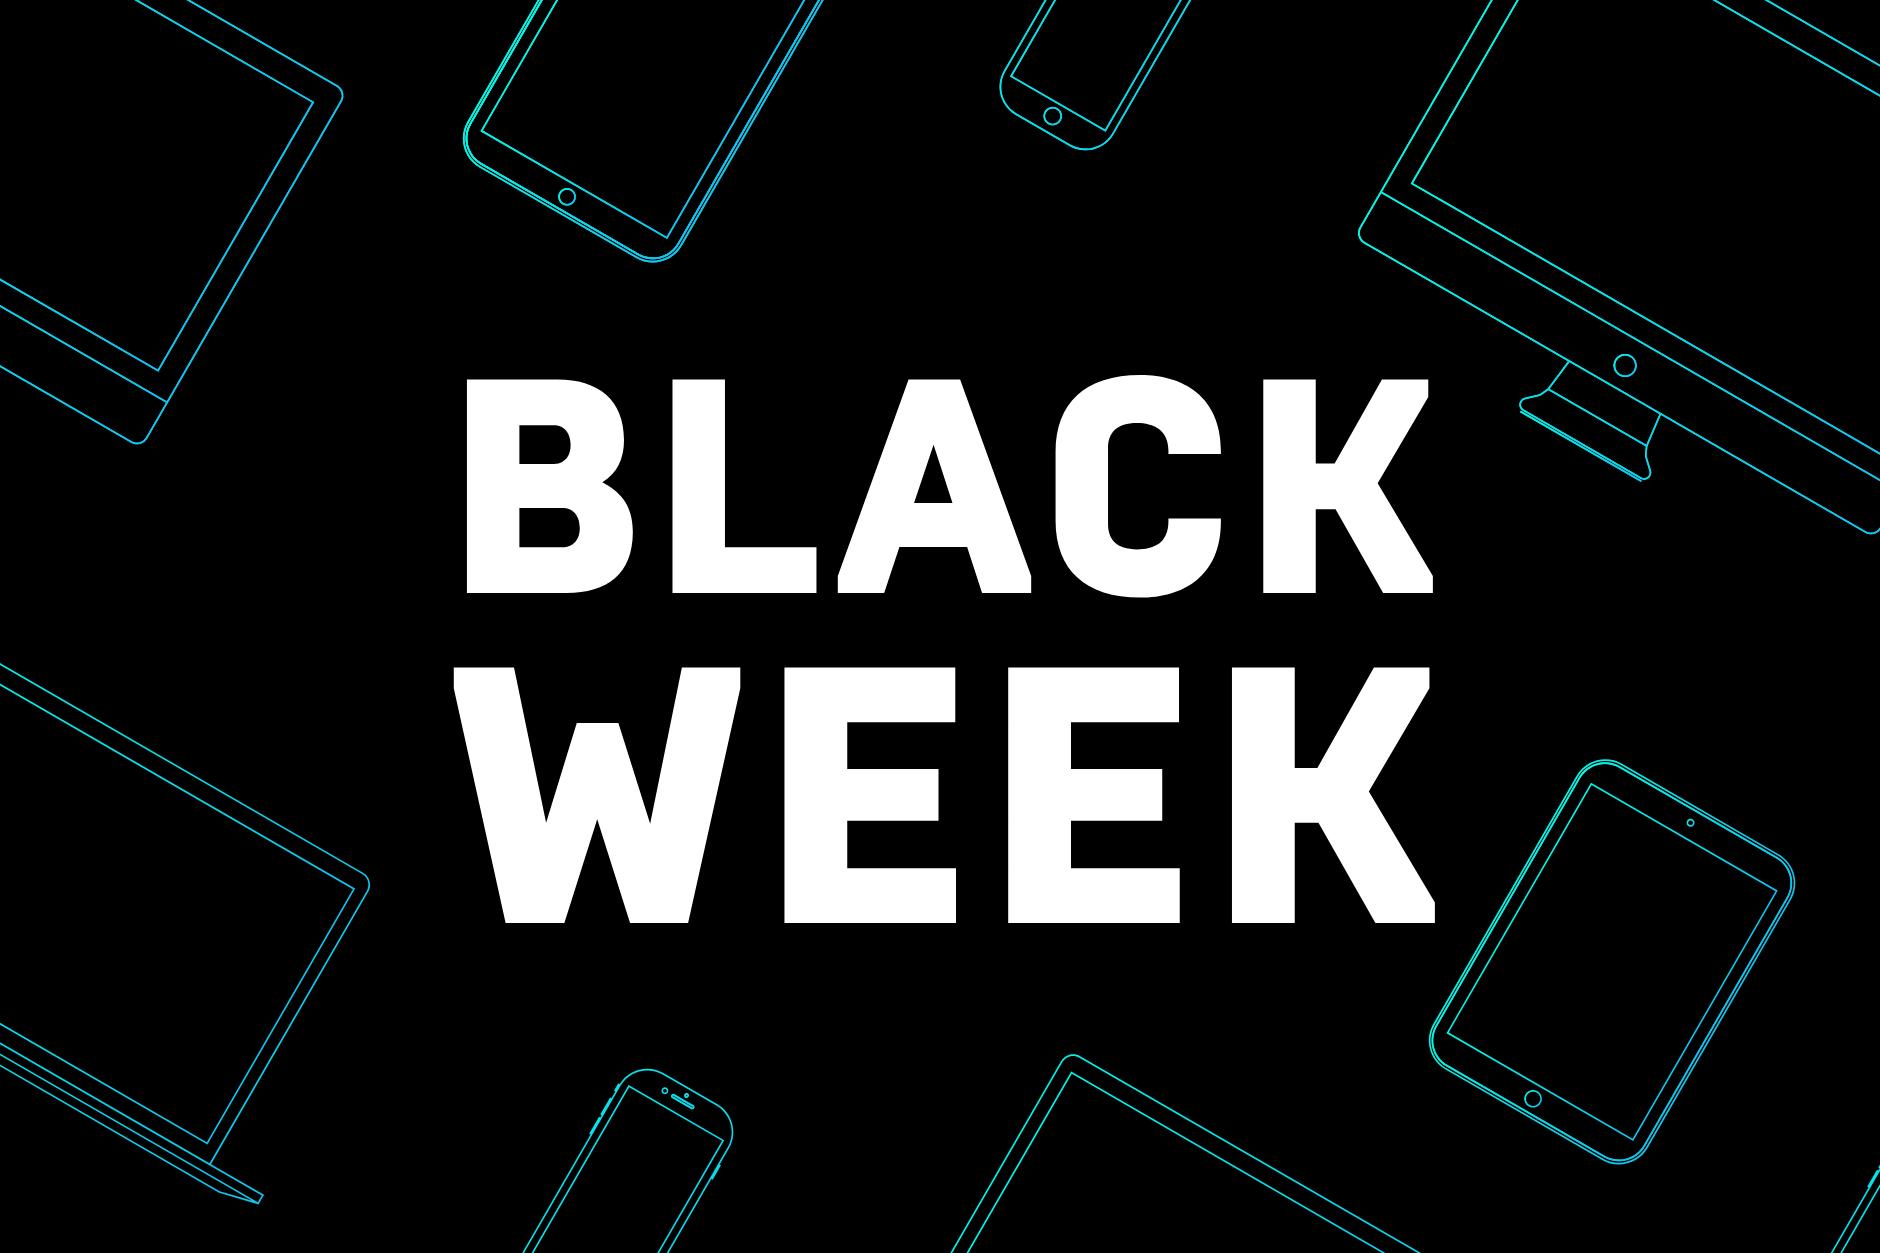 10% i 45% zniżki z okazji Black Week.